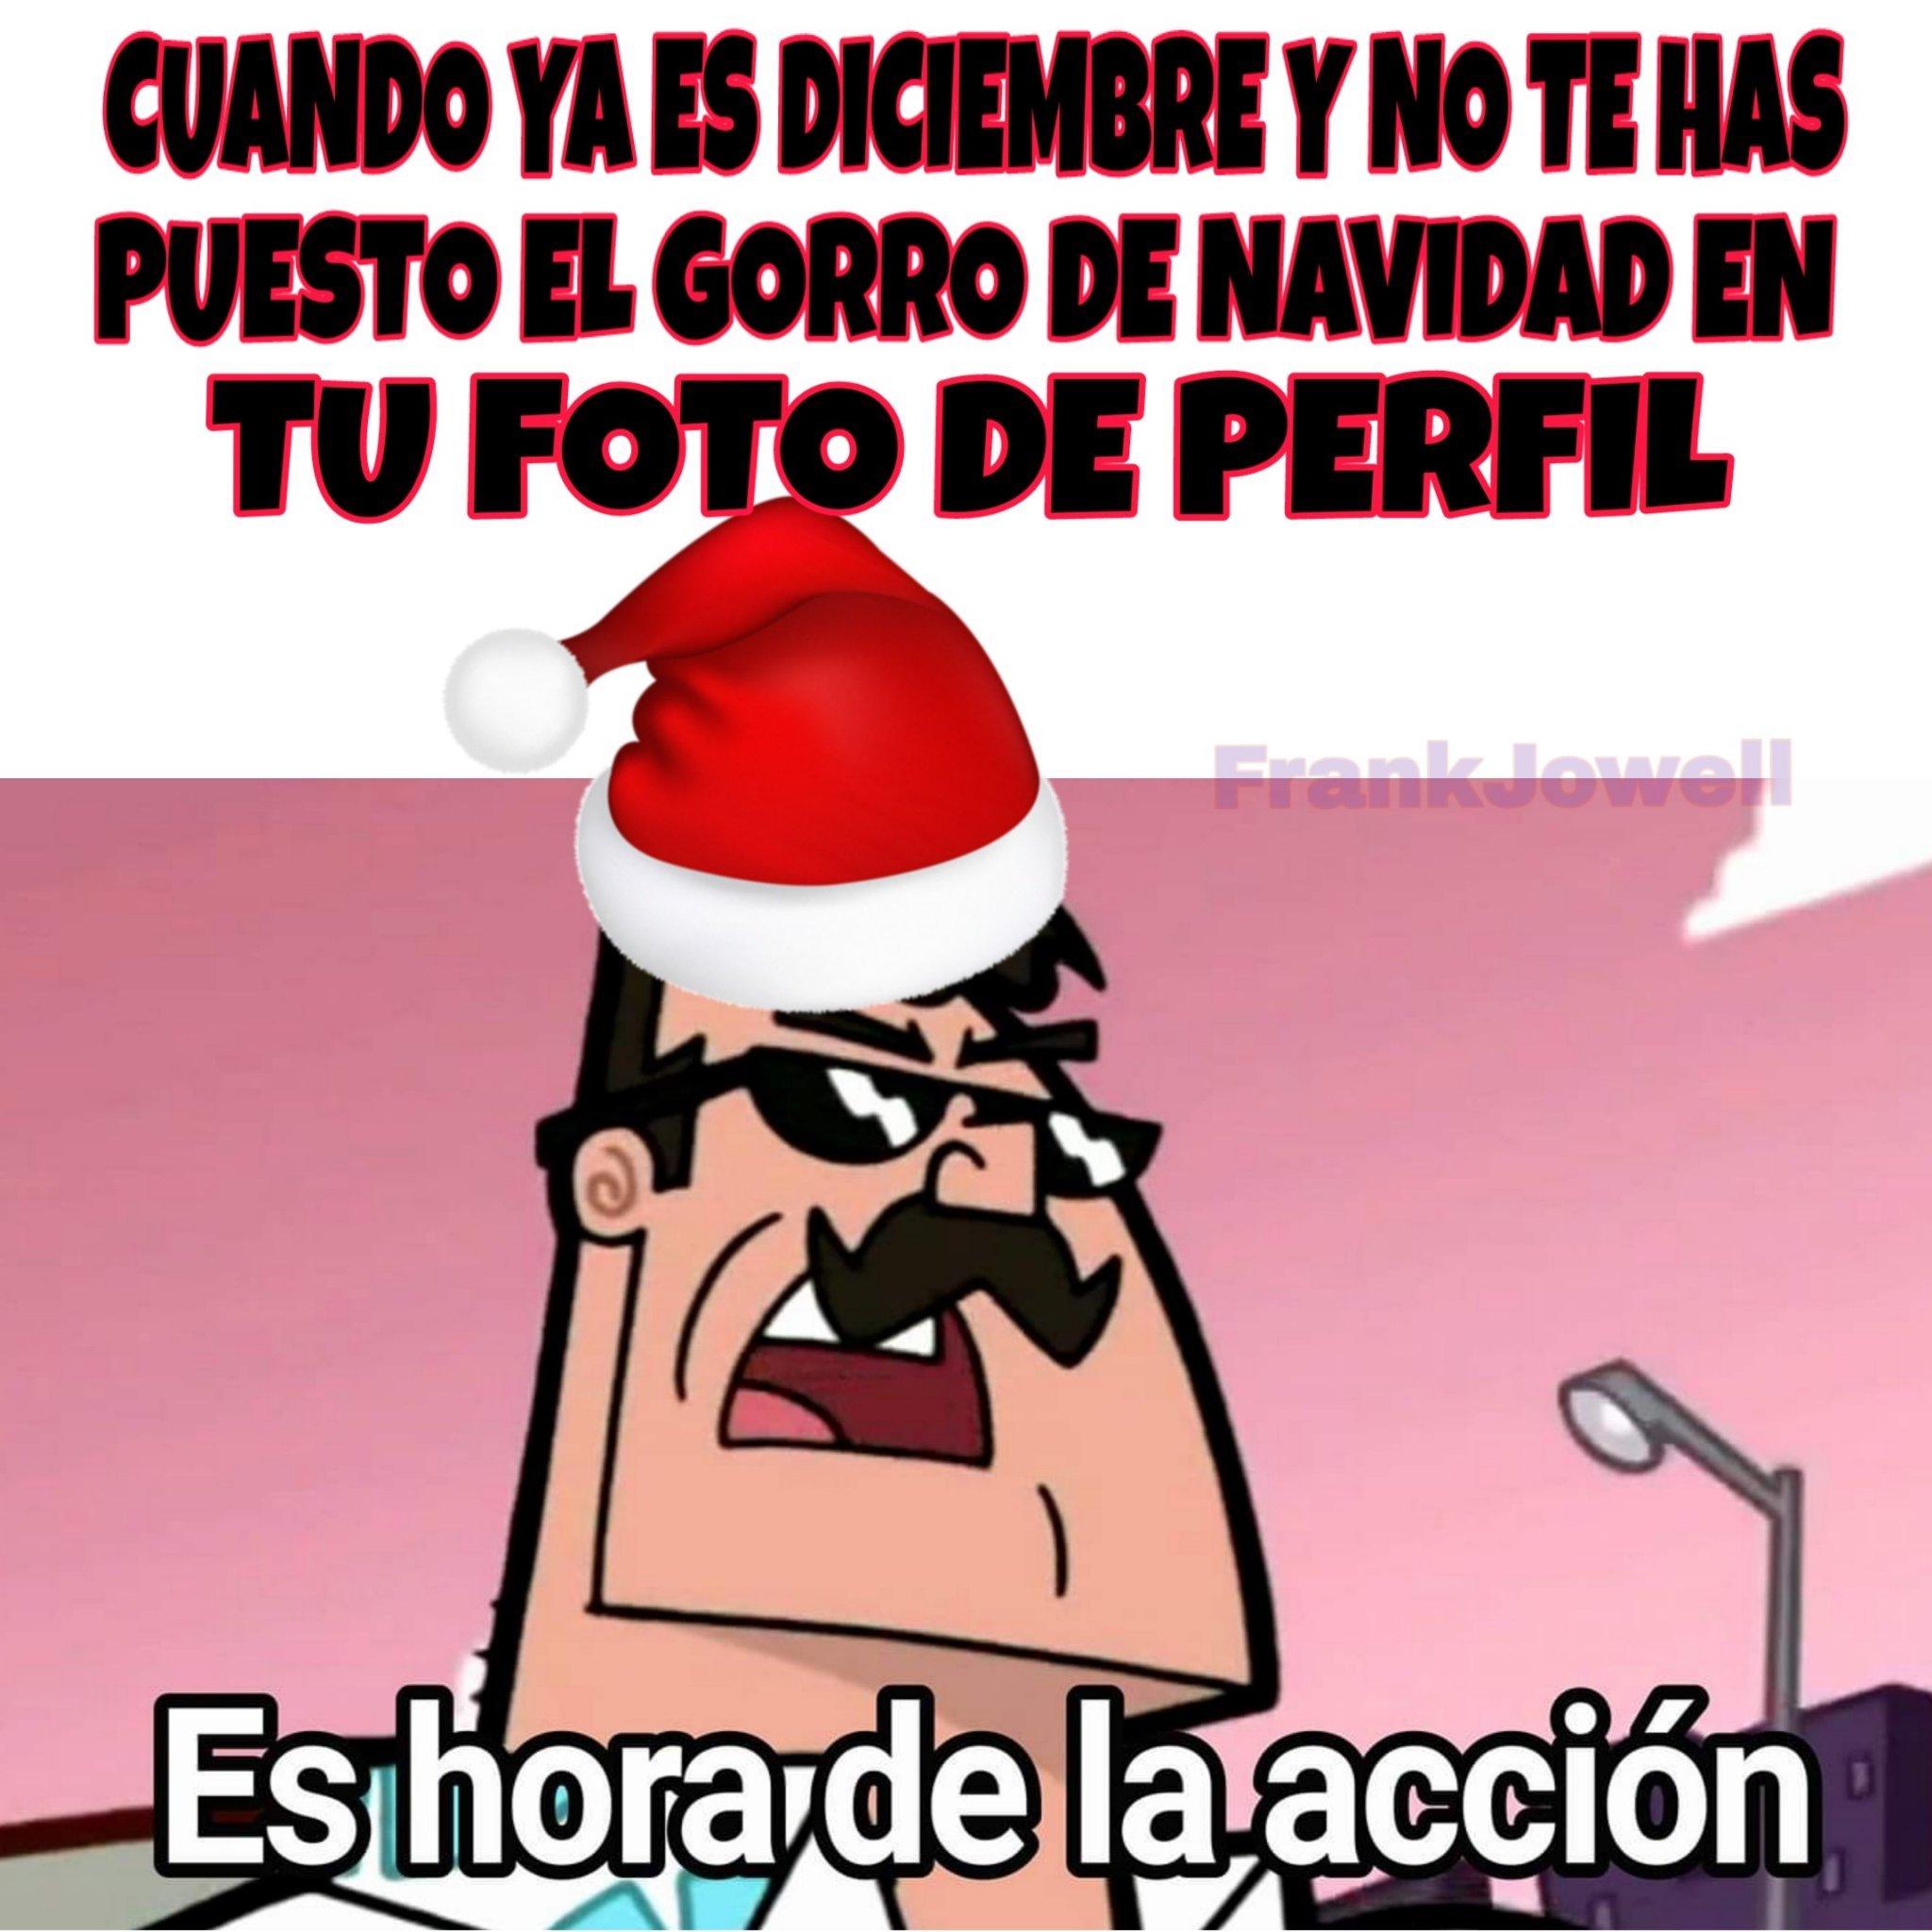 Chapalapachala - meme